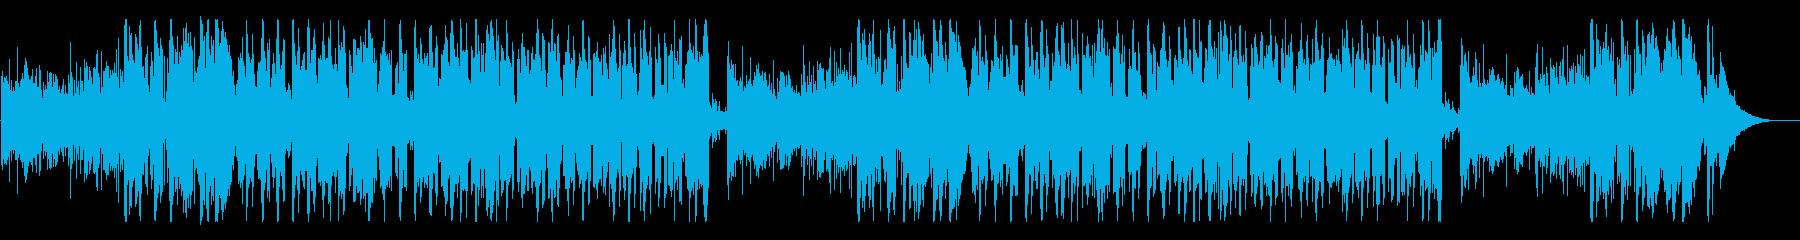 やわらかい雰囲気のリラックスBGMの再生済みの波形